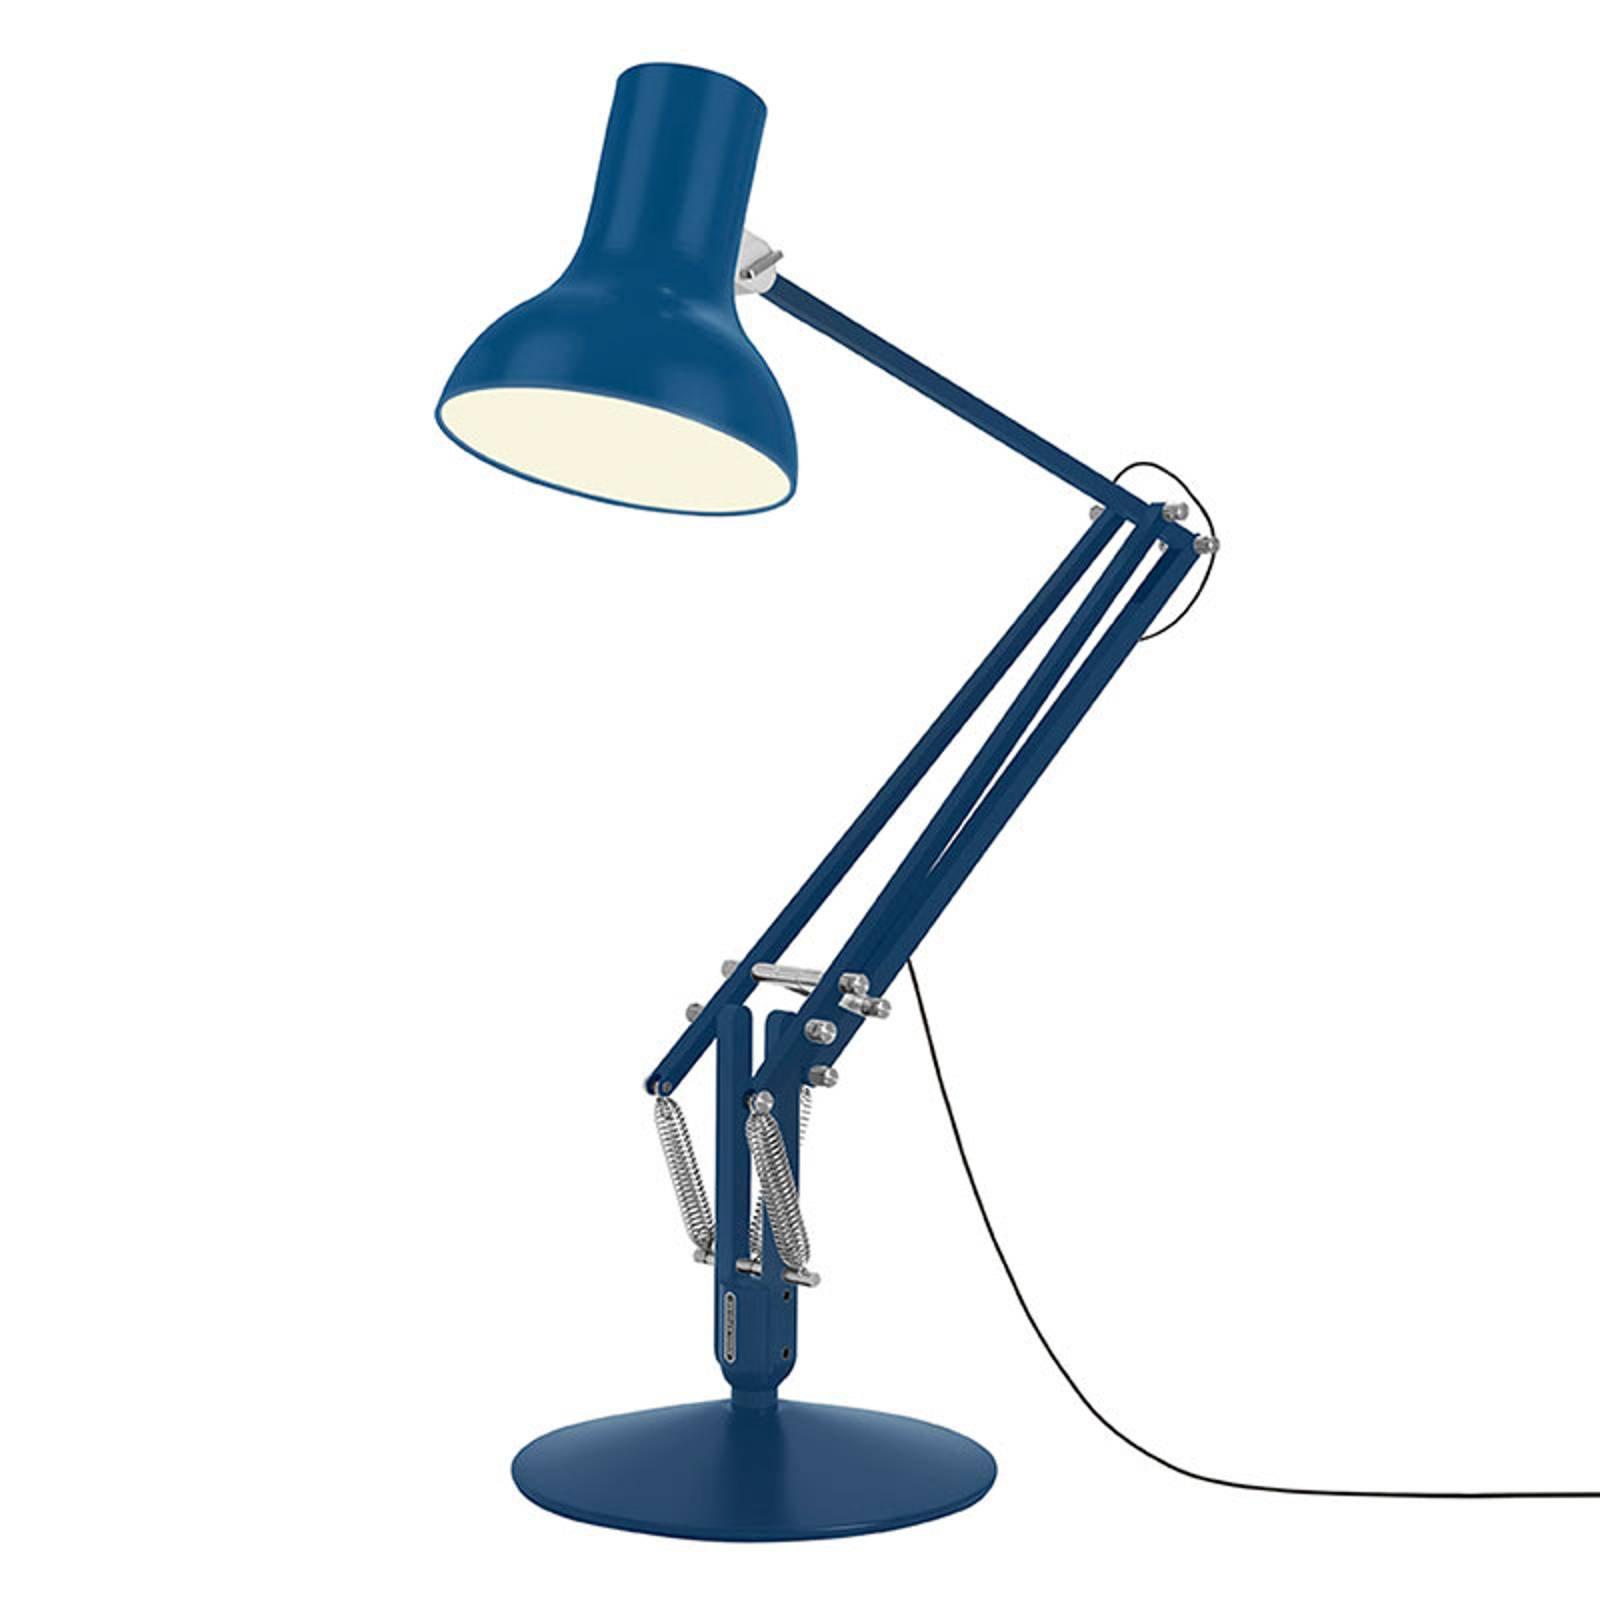 Anglepoise Type 75 Giant gulvlampe blå